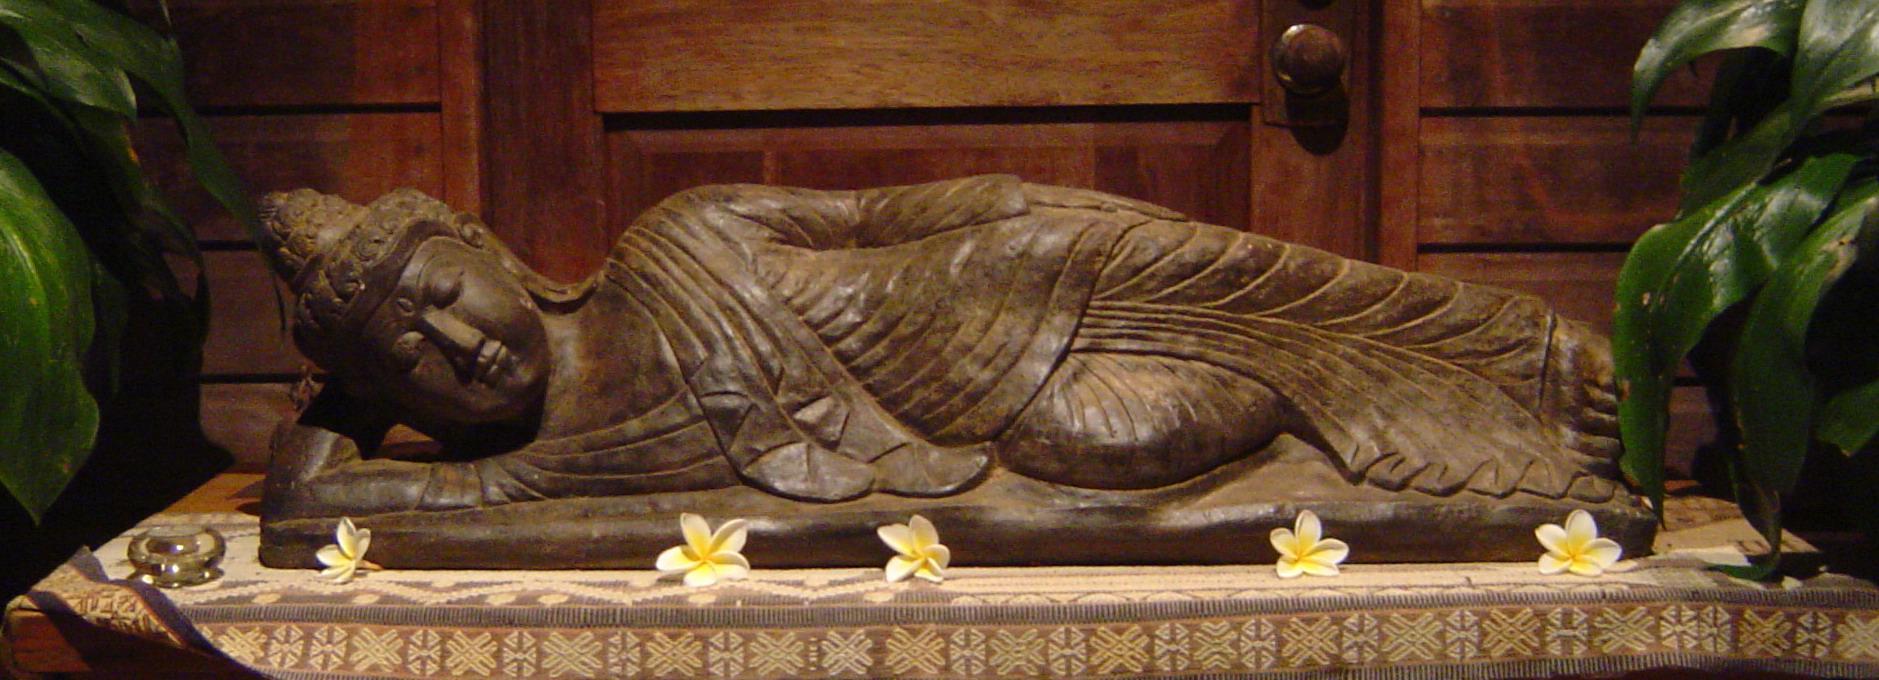 buddhaliegend2